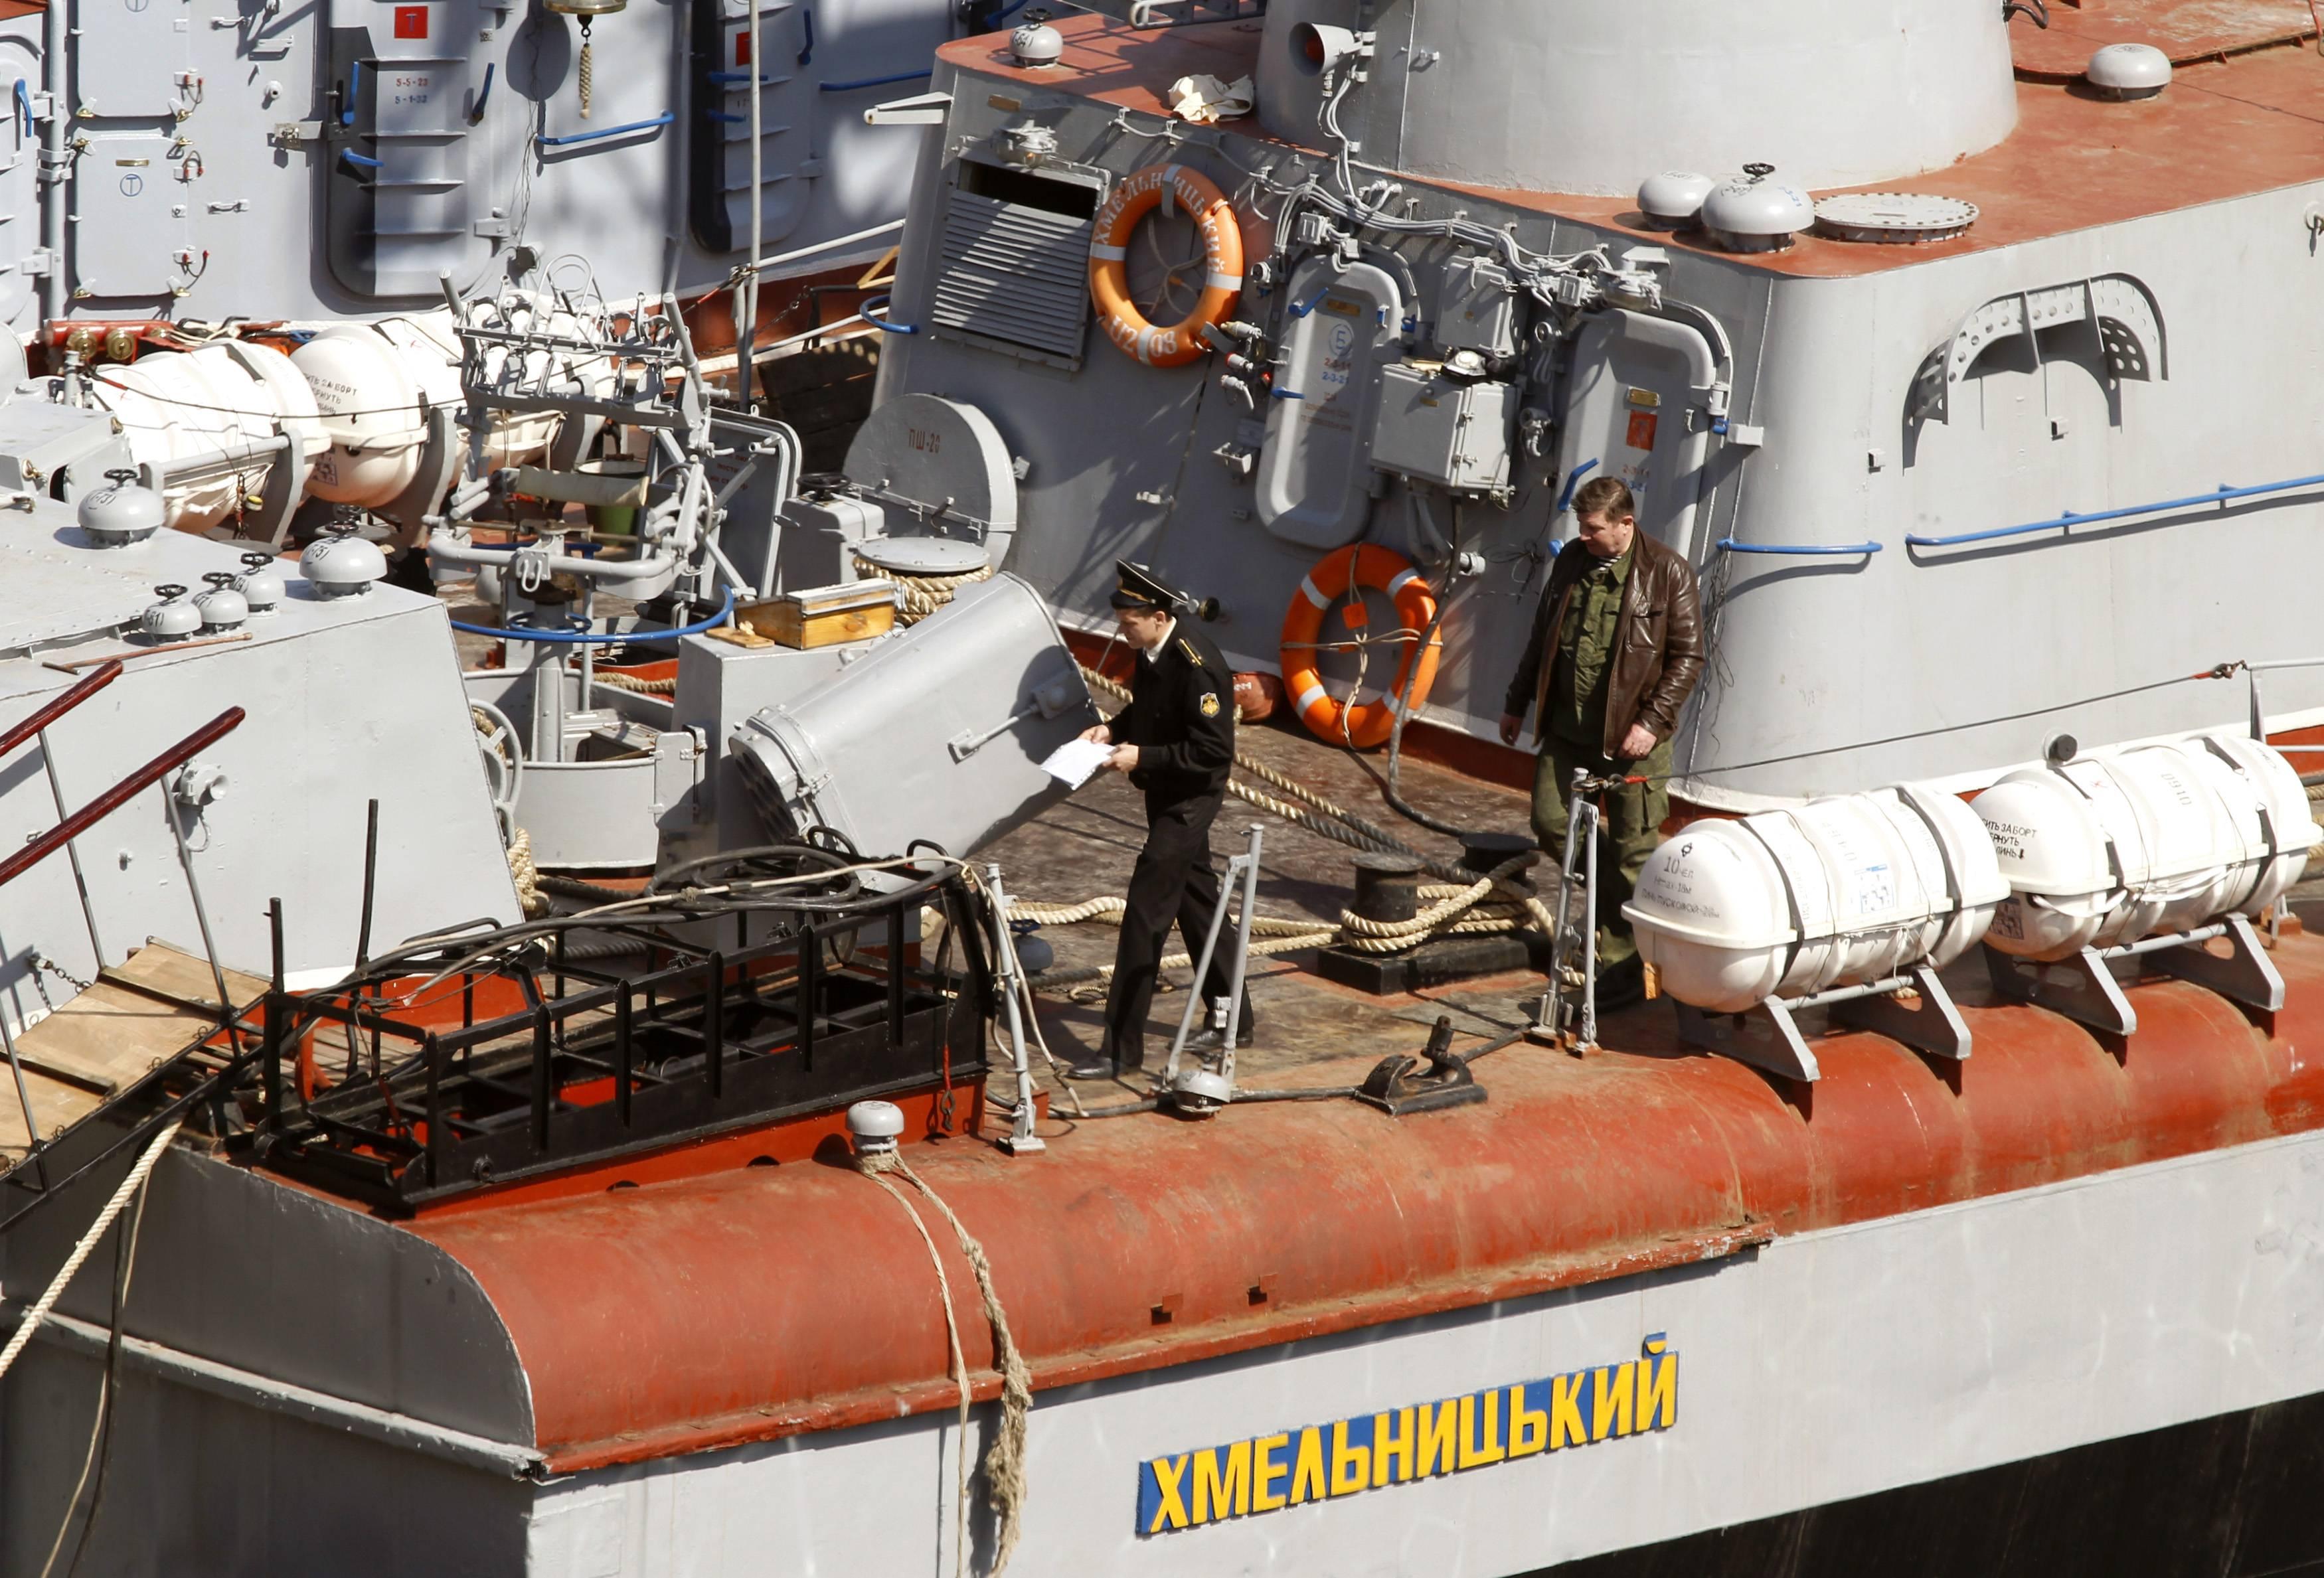 Российский офицер описывает имущество захваченного корабля